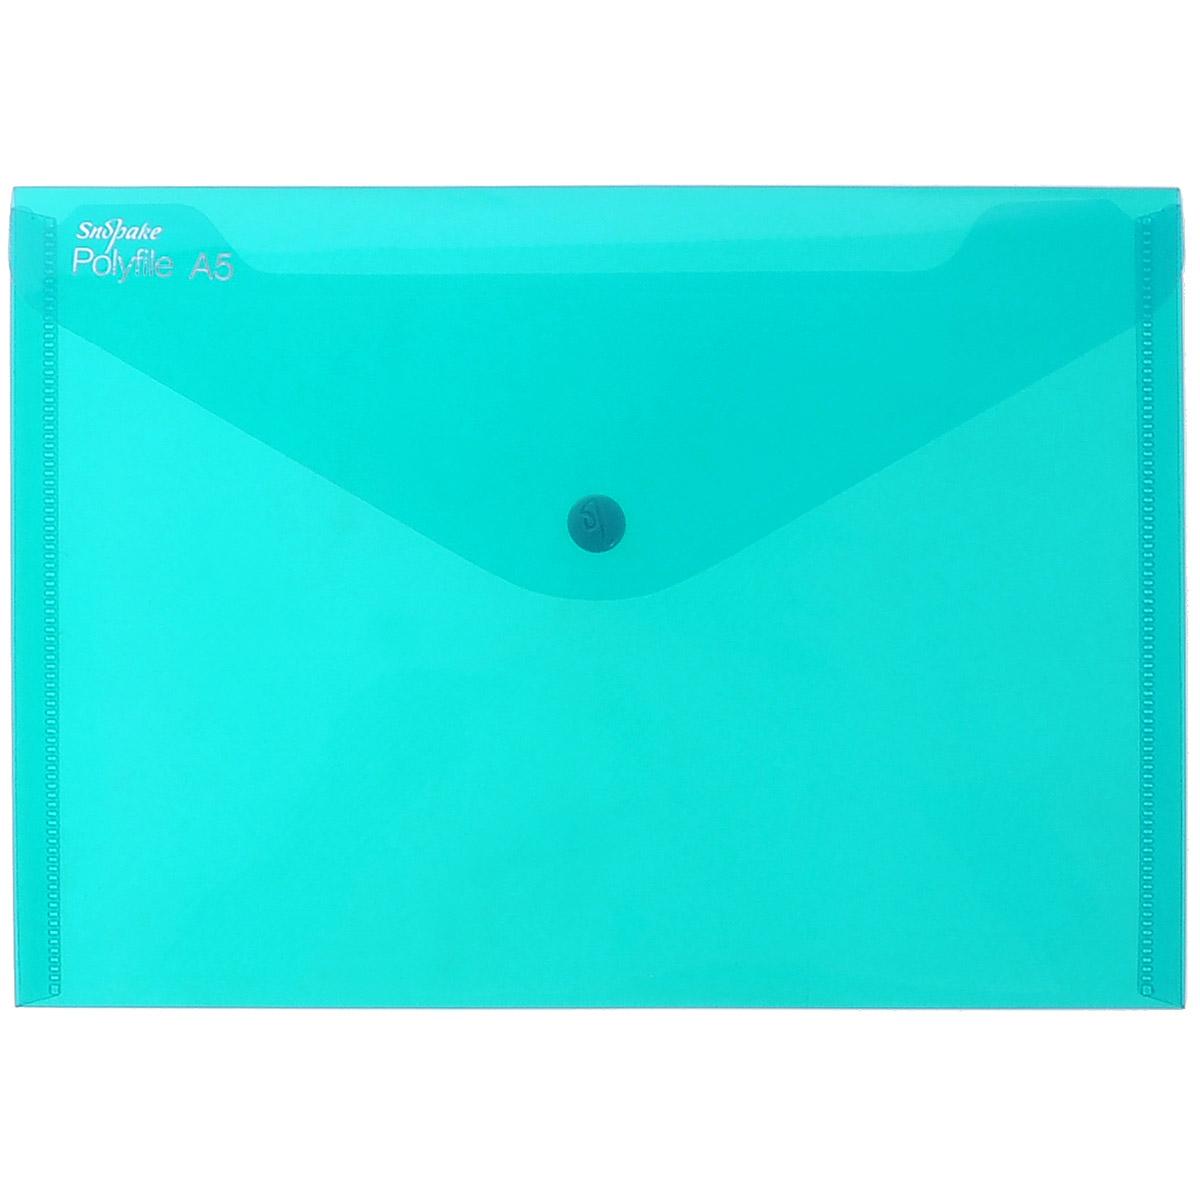 Snopake Папка-конверт на кнопке Polyfile: Electra, цвет: бирюзовый. Формат А5K11355_бирюзовыйПапка-конверт Snopake Polyfile: Electra - удобный и функциональный офисный инструмент, предназначенный для хранения и транспортировки рабочих бумаг и документов. Папка изготовлена из износостойкого полупрозрачного полипропилена бирюзового цвета, закрывается на клапан с кнопкой. Она имеет специальную вырубку, облегчающую изъятие документов. Папка оформлена тиснением в виде параллельной штриховки. Папка-конверт - это незаменимый атрибут для студента, школьника, офисного работника. Такая папка надежно сохранит ваши документы и сбережет их от повреждений, пыли и влаги. Папка сочетает в себе неизменно высокое качество Snopake и классический дизайн.